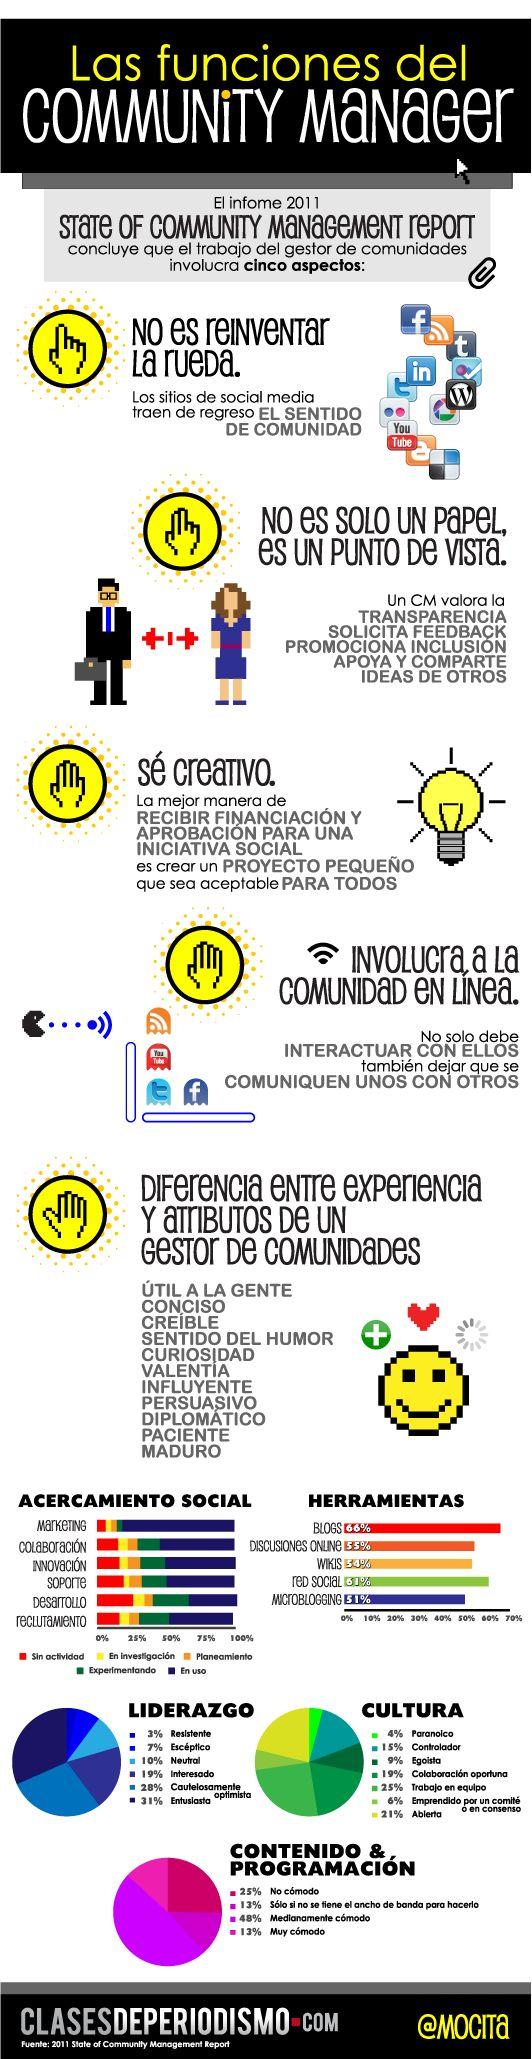 Funciones de un Community Manager #infografía http://www.clasesdeperiodismo.com/wp-content/uploads/2011/04/info-funciones-cm-11.png